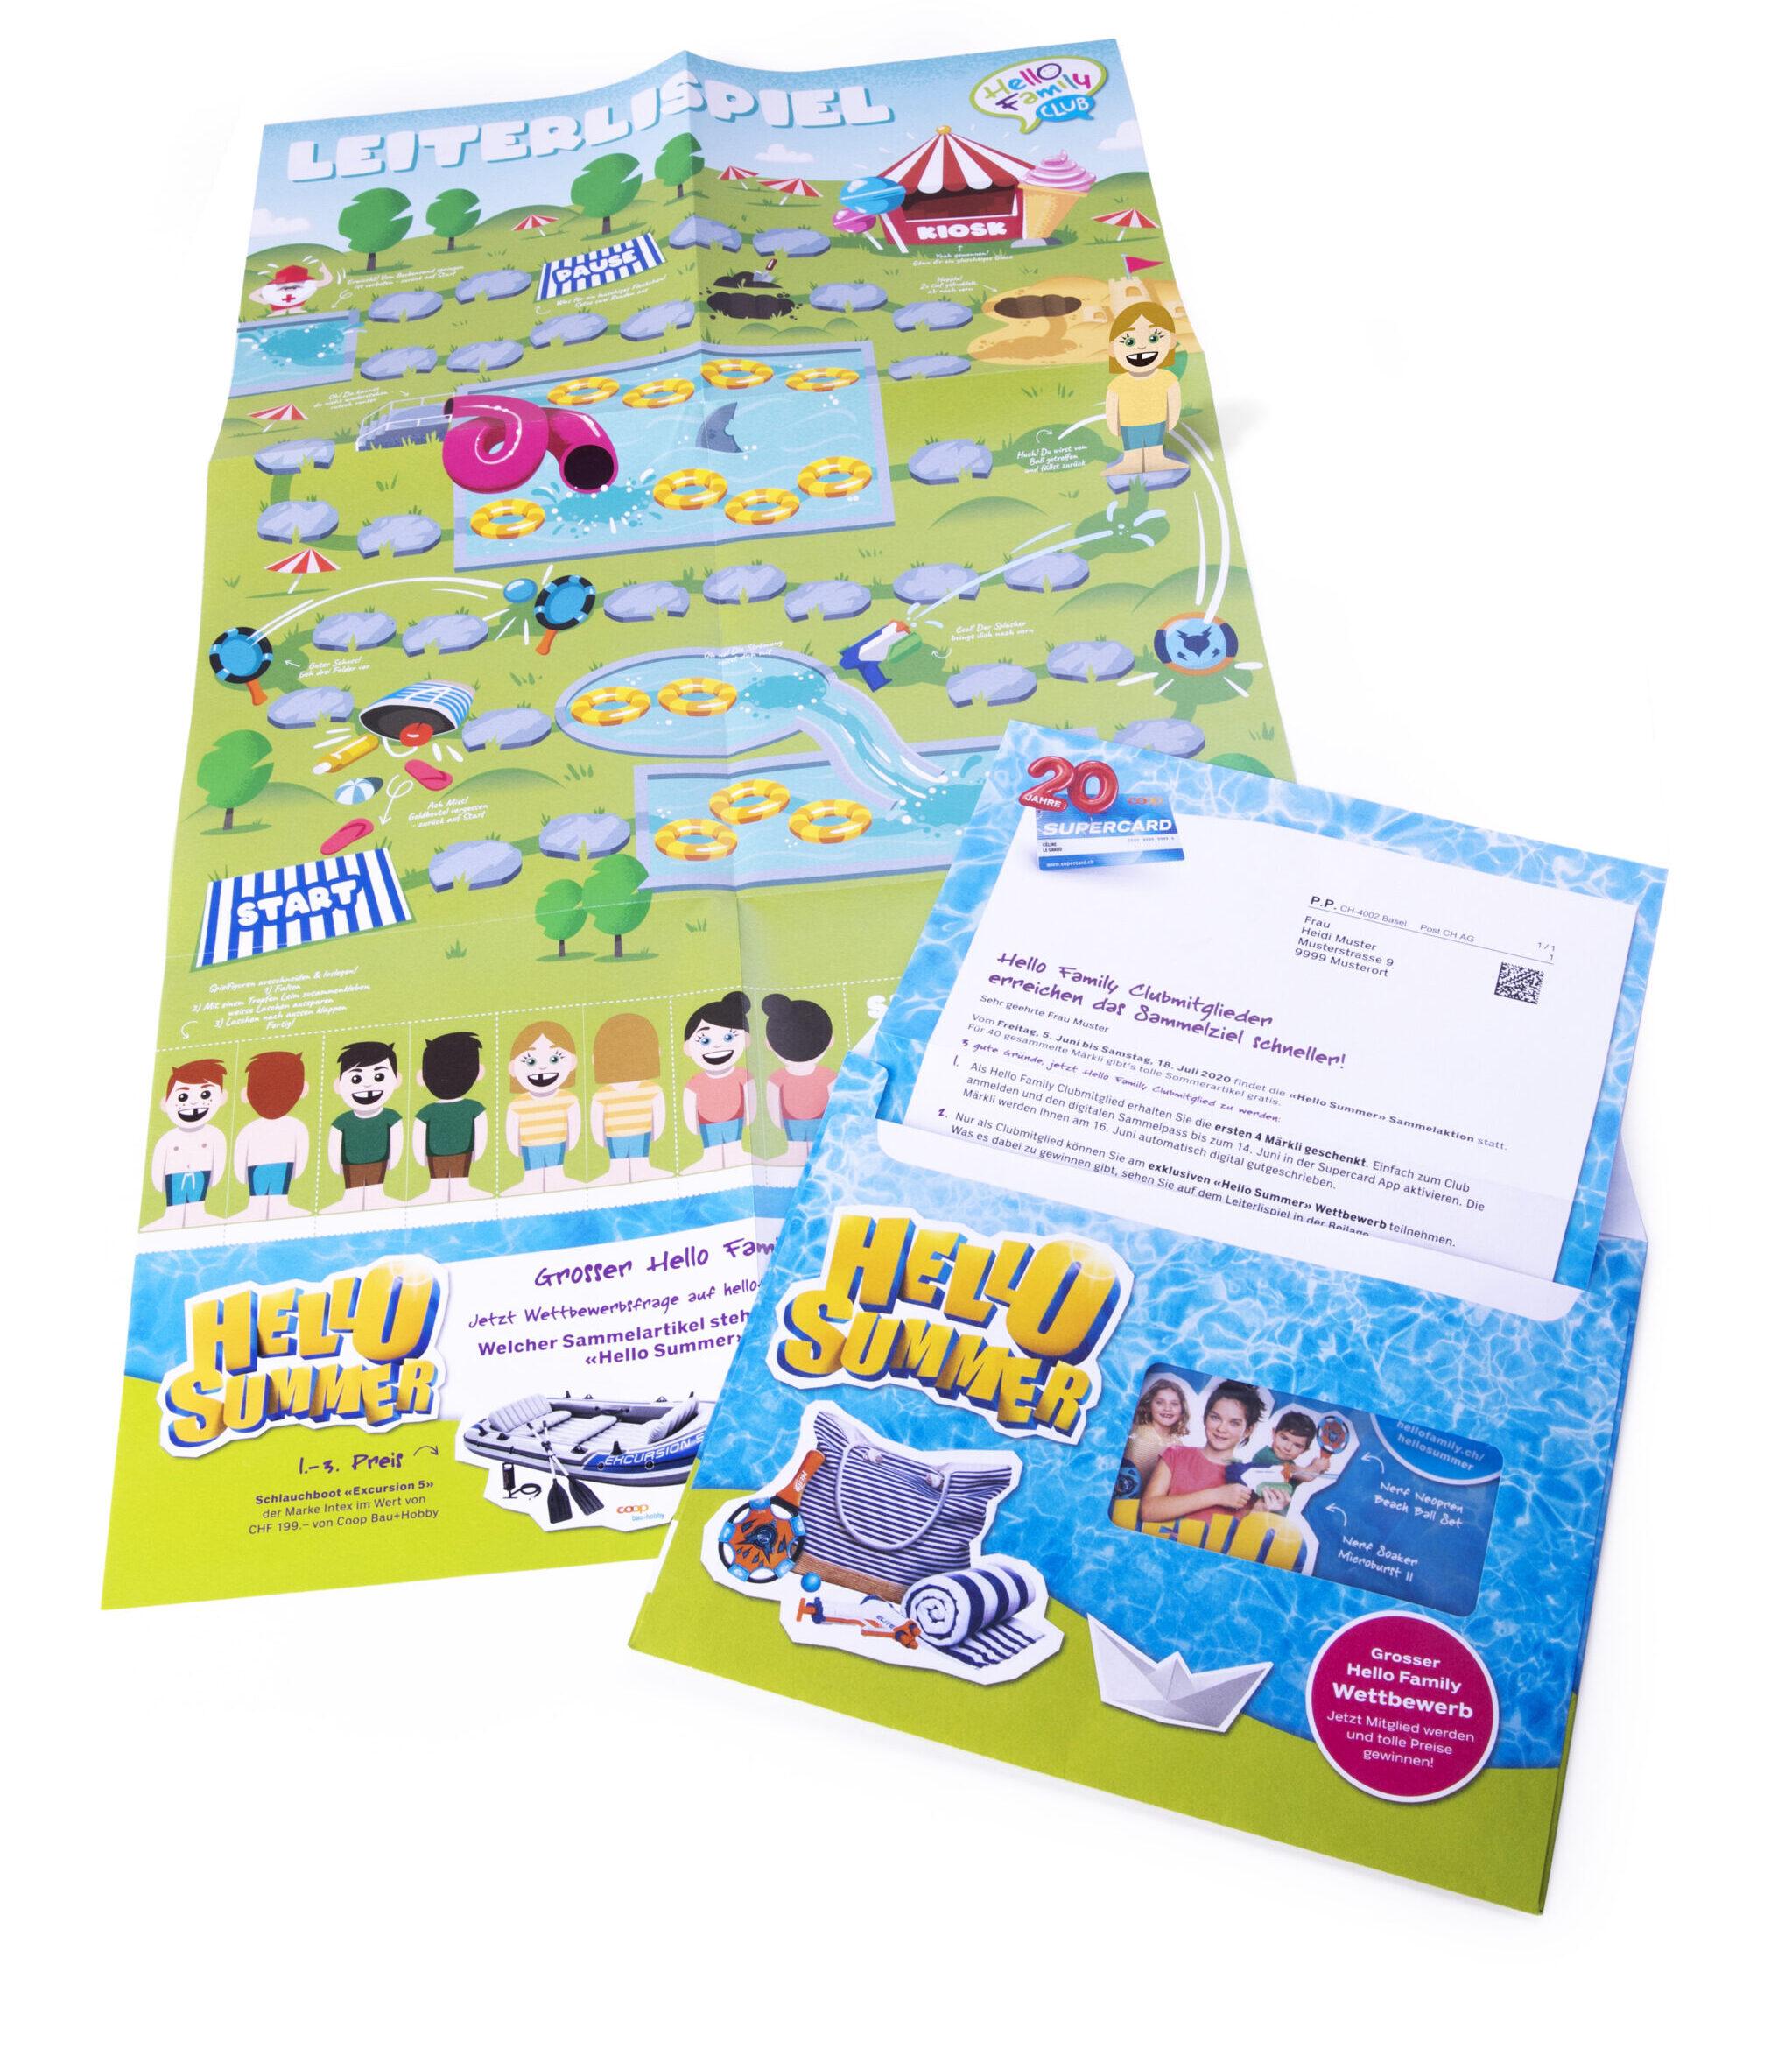 Direct Mailing des Coop Hello Family Clubs für die Sammelpromotion «Hello Summer»